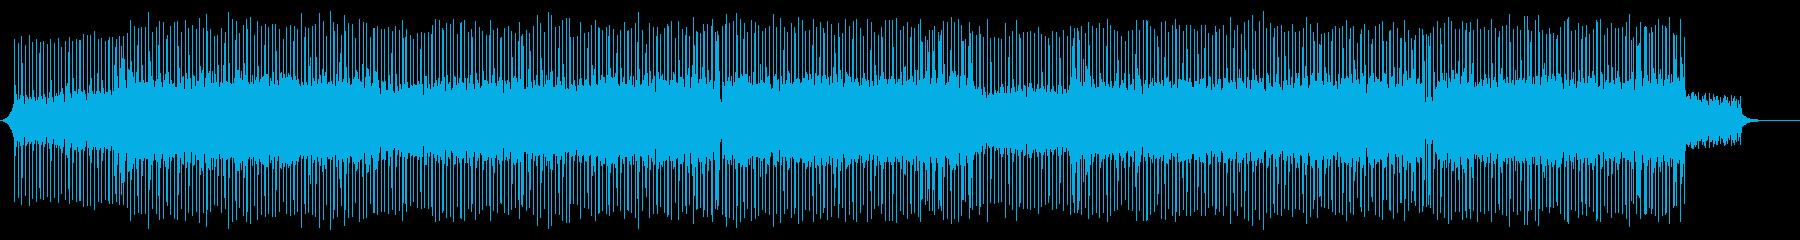 爽やか生演奏アコギによる軽快なポップの再生済みの波形